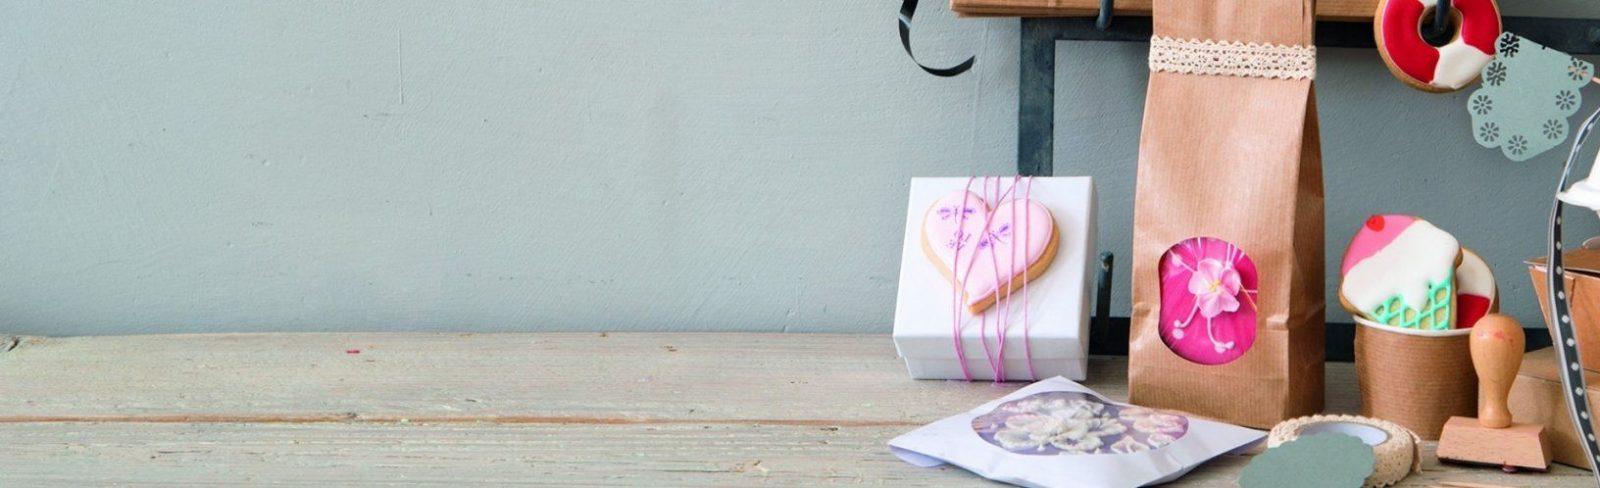 Wanddekoration Küche Selber Machen Einzigartig Wanddeko Küche Selber von Wanddeko Küche Selber Machen Bild